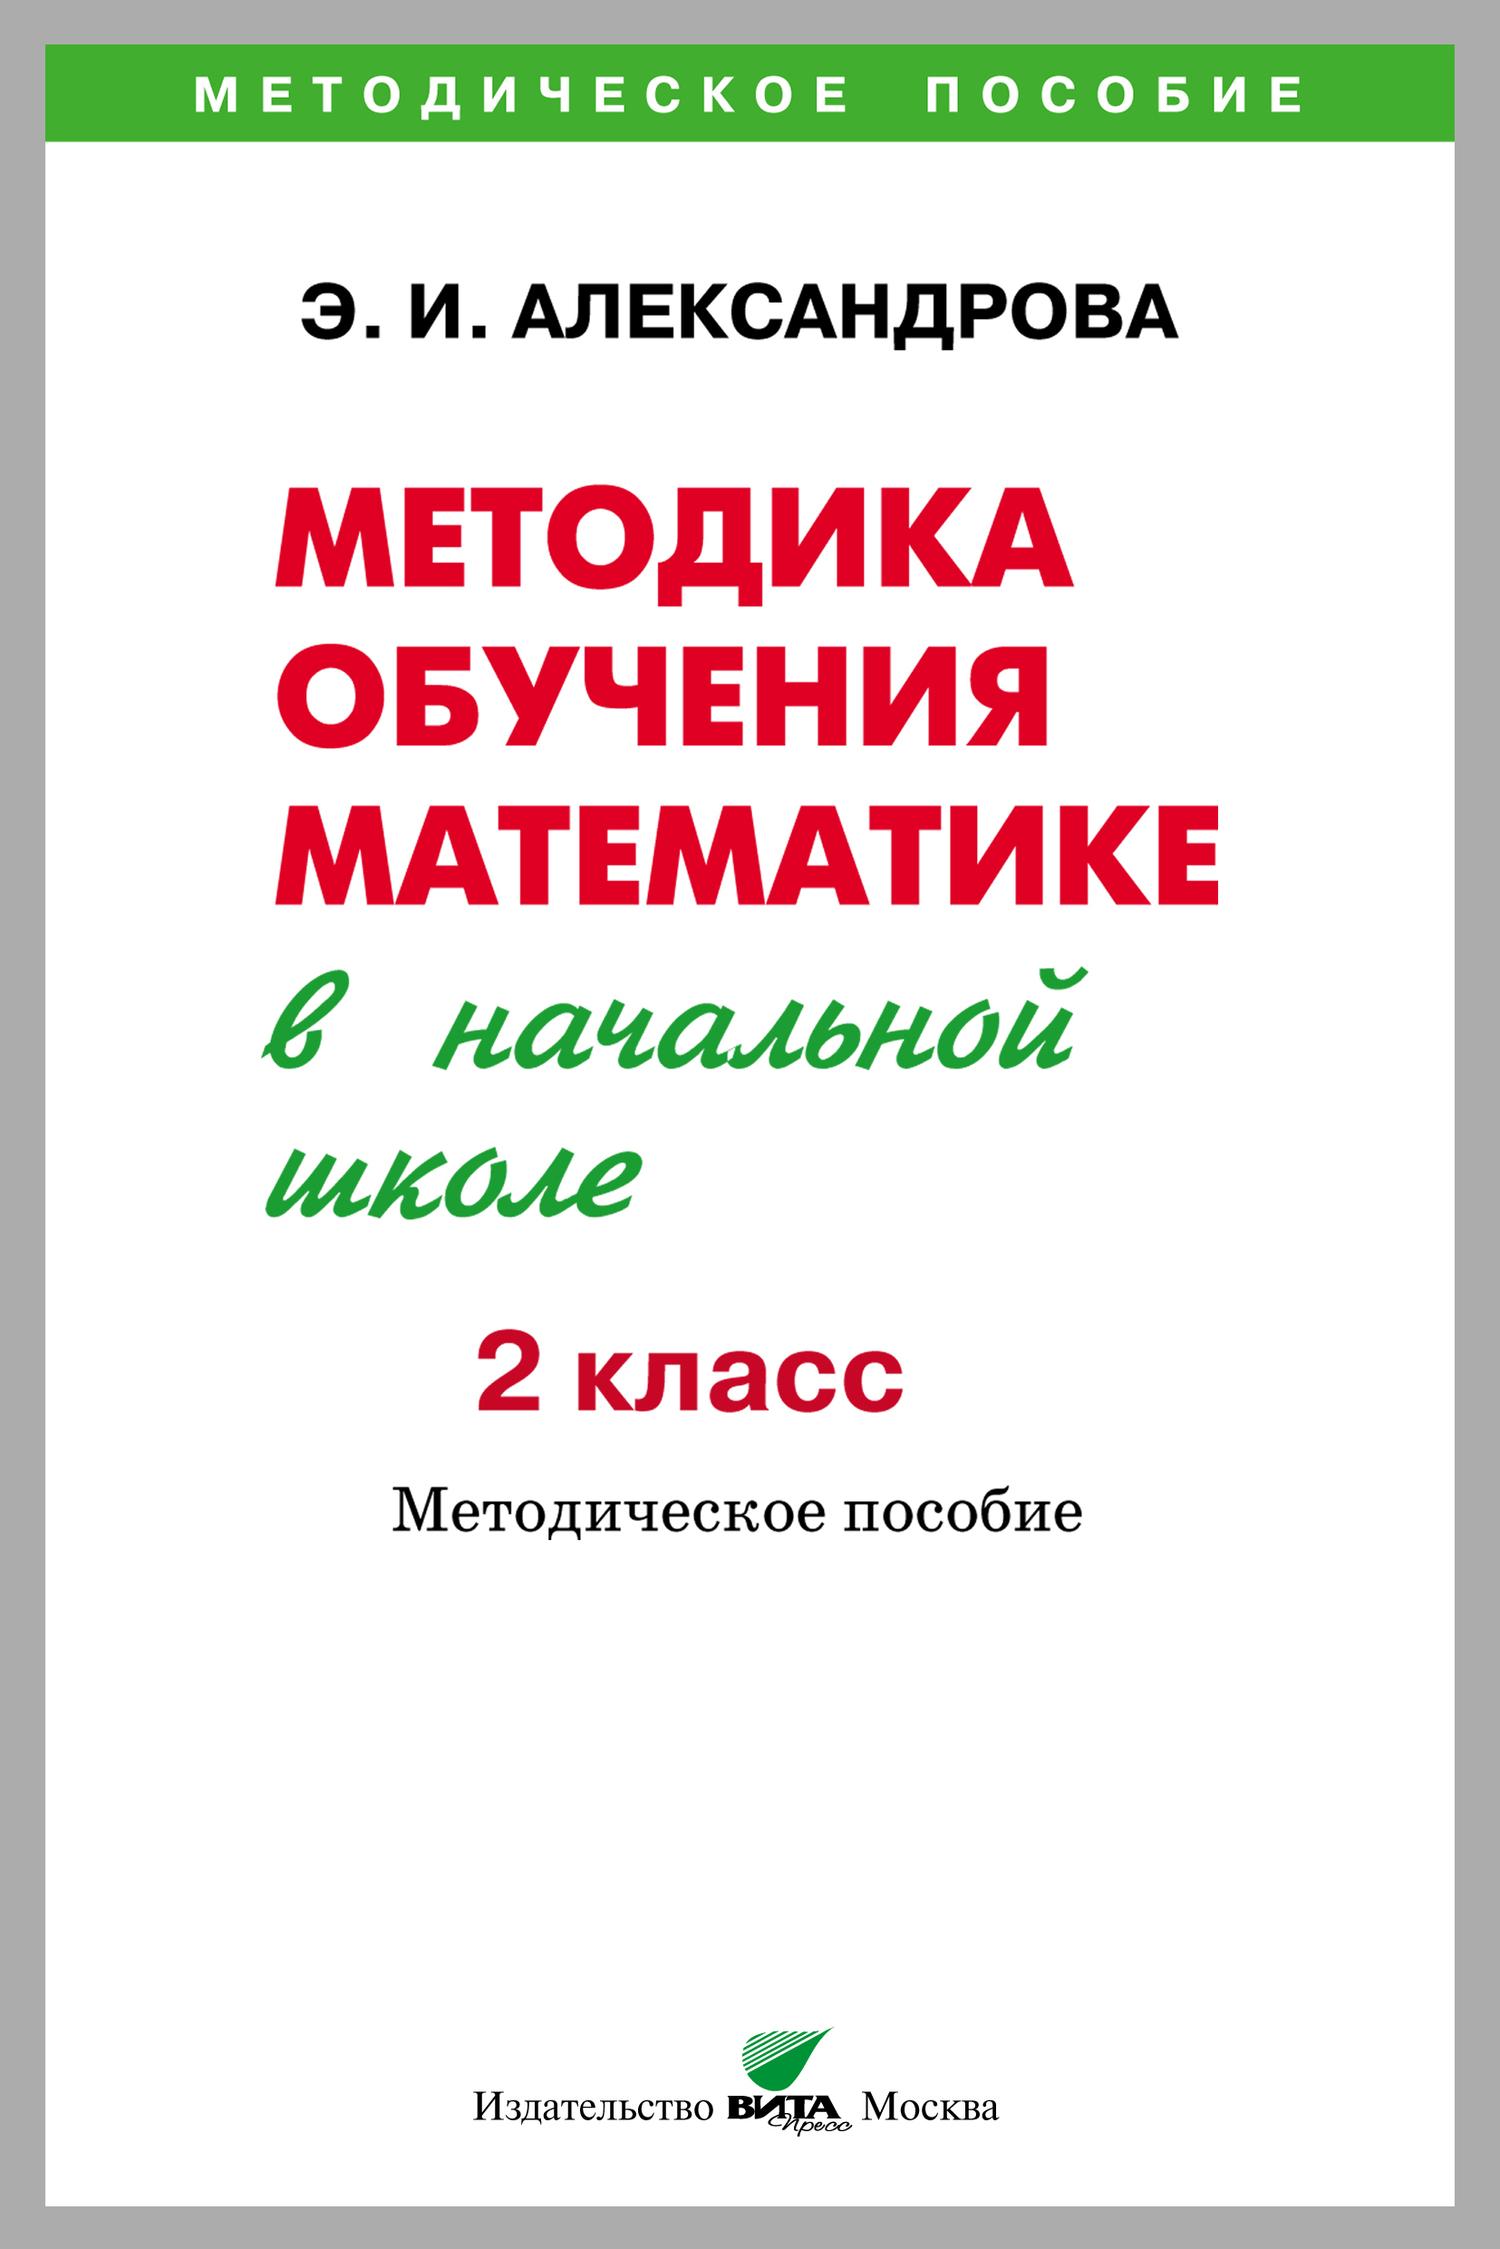 Э. И. Александрова. Методика обучения математике в начальной школе. Методическое пособие. 2 класс